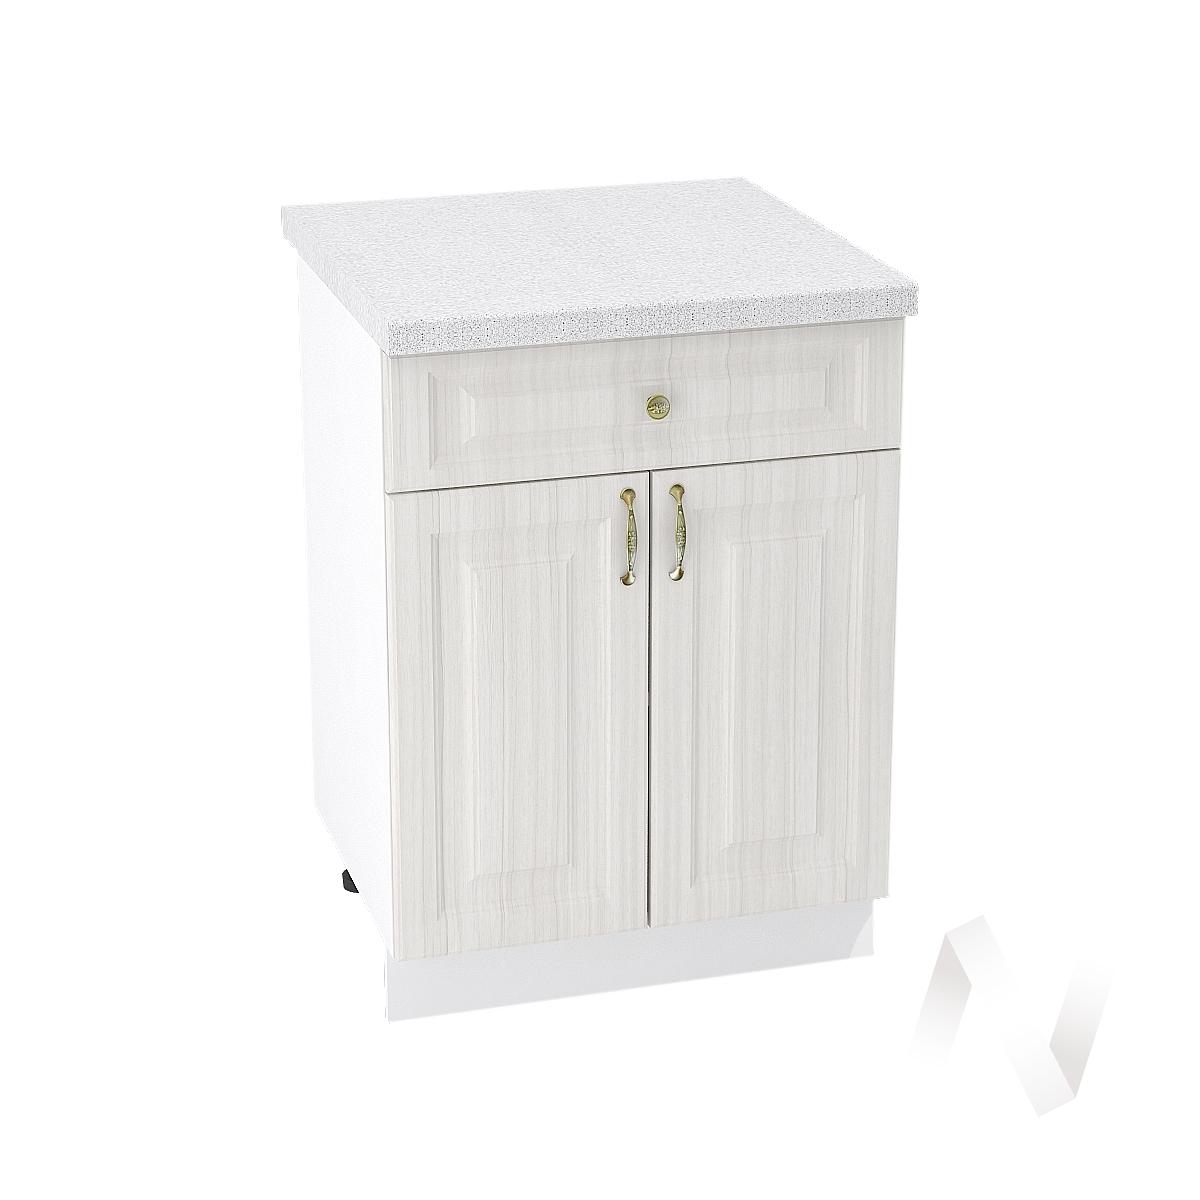 """Кухня """"Виктория"""": Шкаф нижний с ящиком 600, ШН1Я 600 М (корпус белый)"""